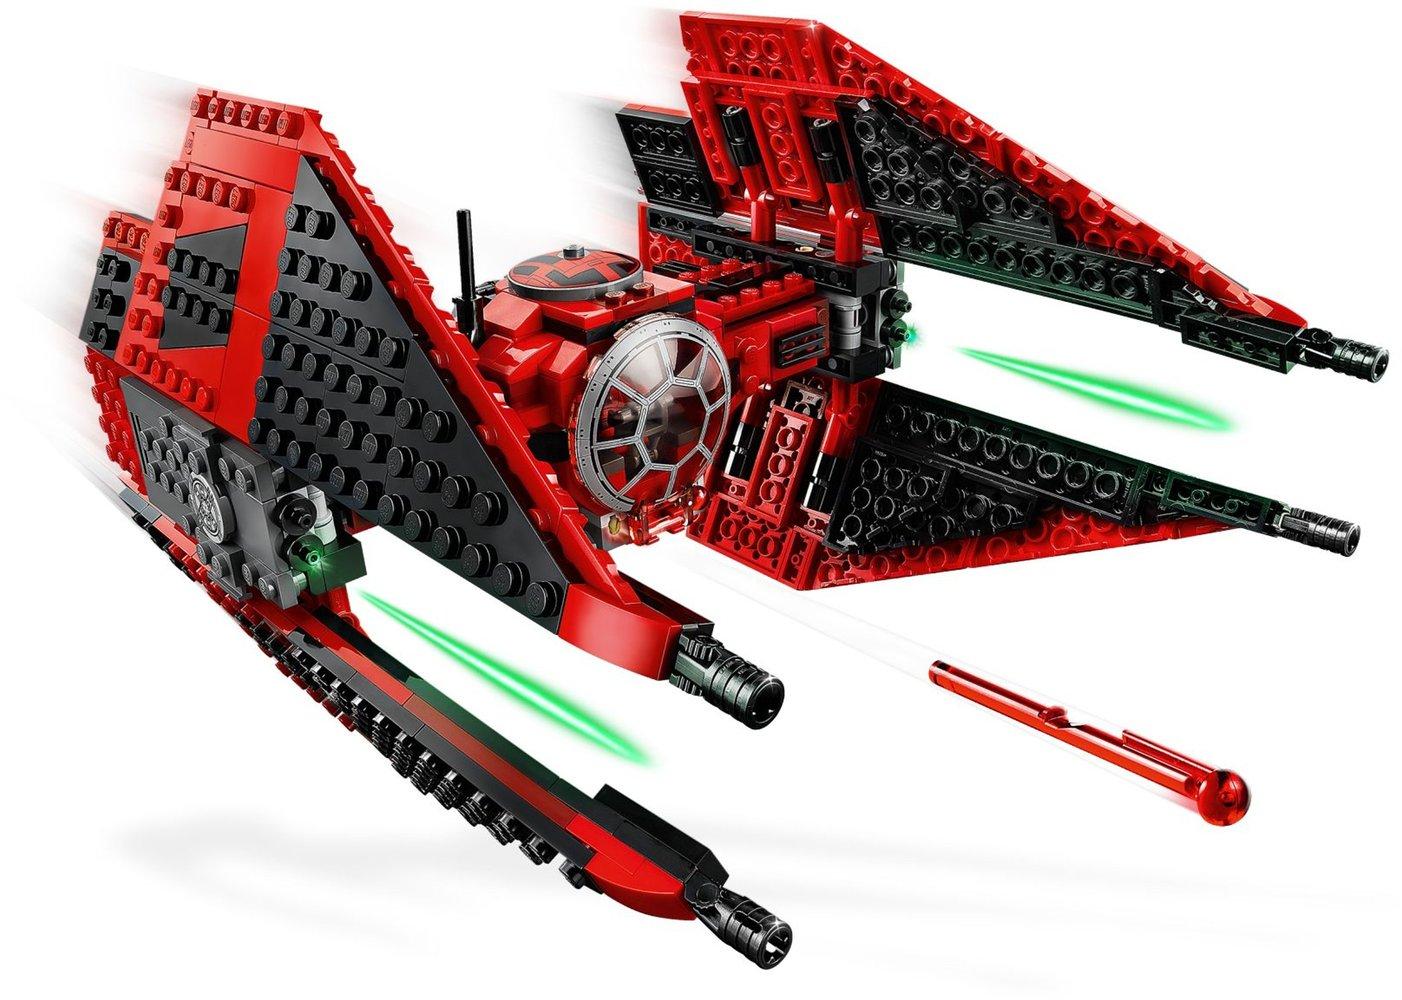 LEGO ® Star Wars ™ 75240 Major vonreg/'s Tie Fighter ™ Neuf New En parfait état dans sa boîte scellée